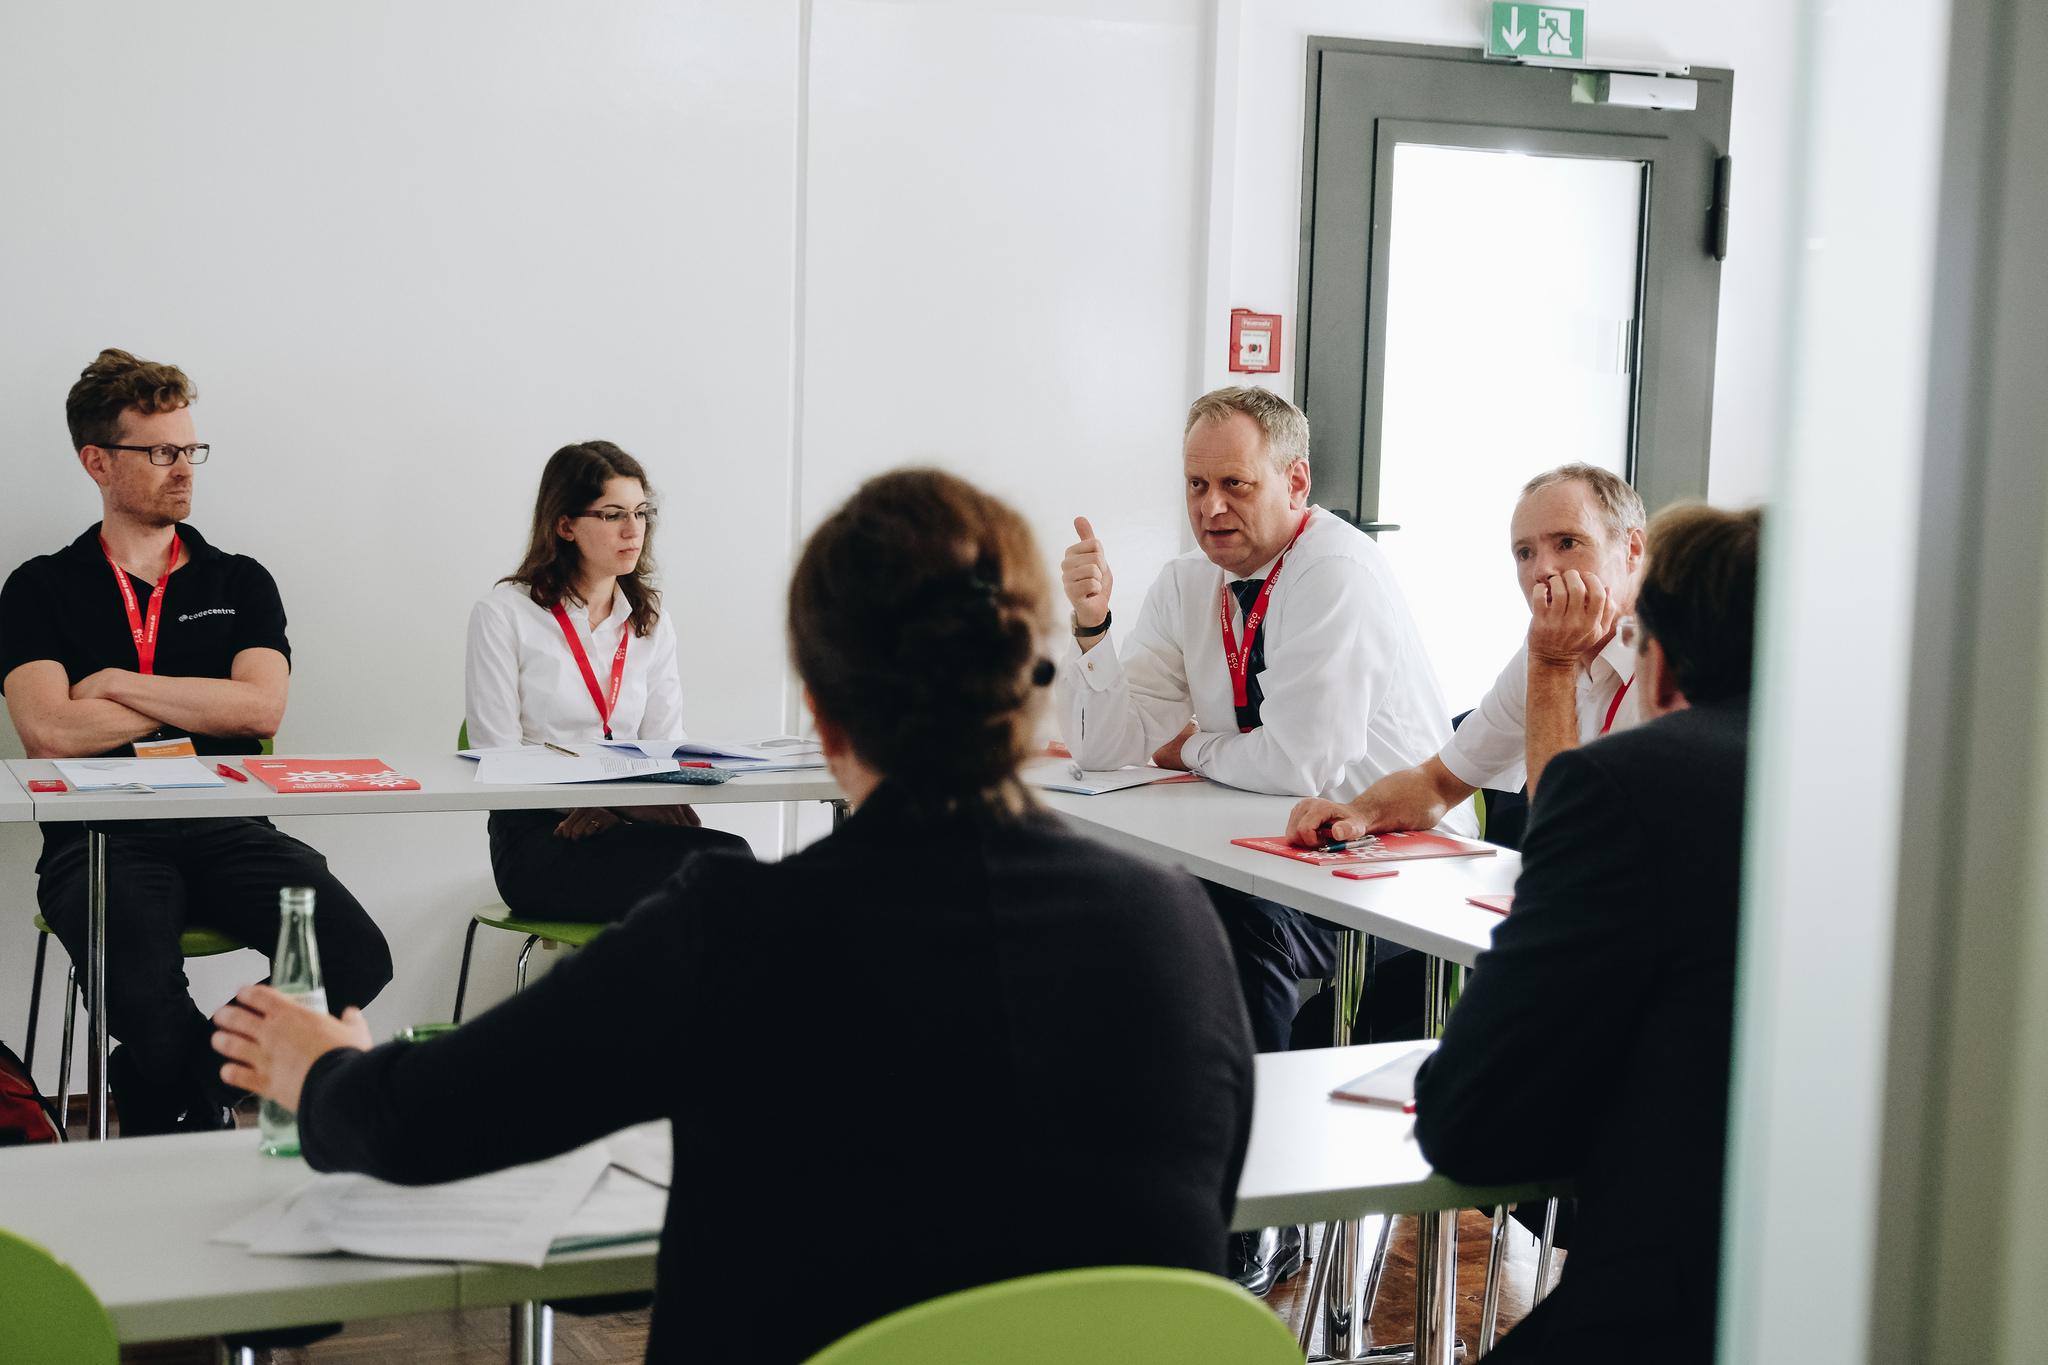 AUDITOR Workshop: Ergebnisse zur praxisgerechten Umsetzung der EU DSGVO 1